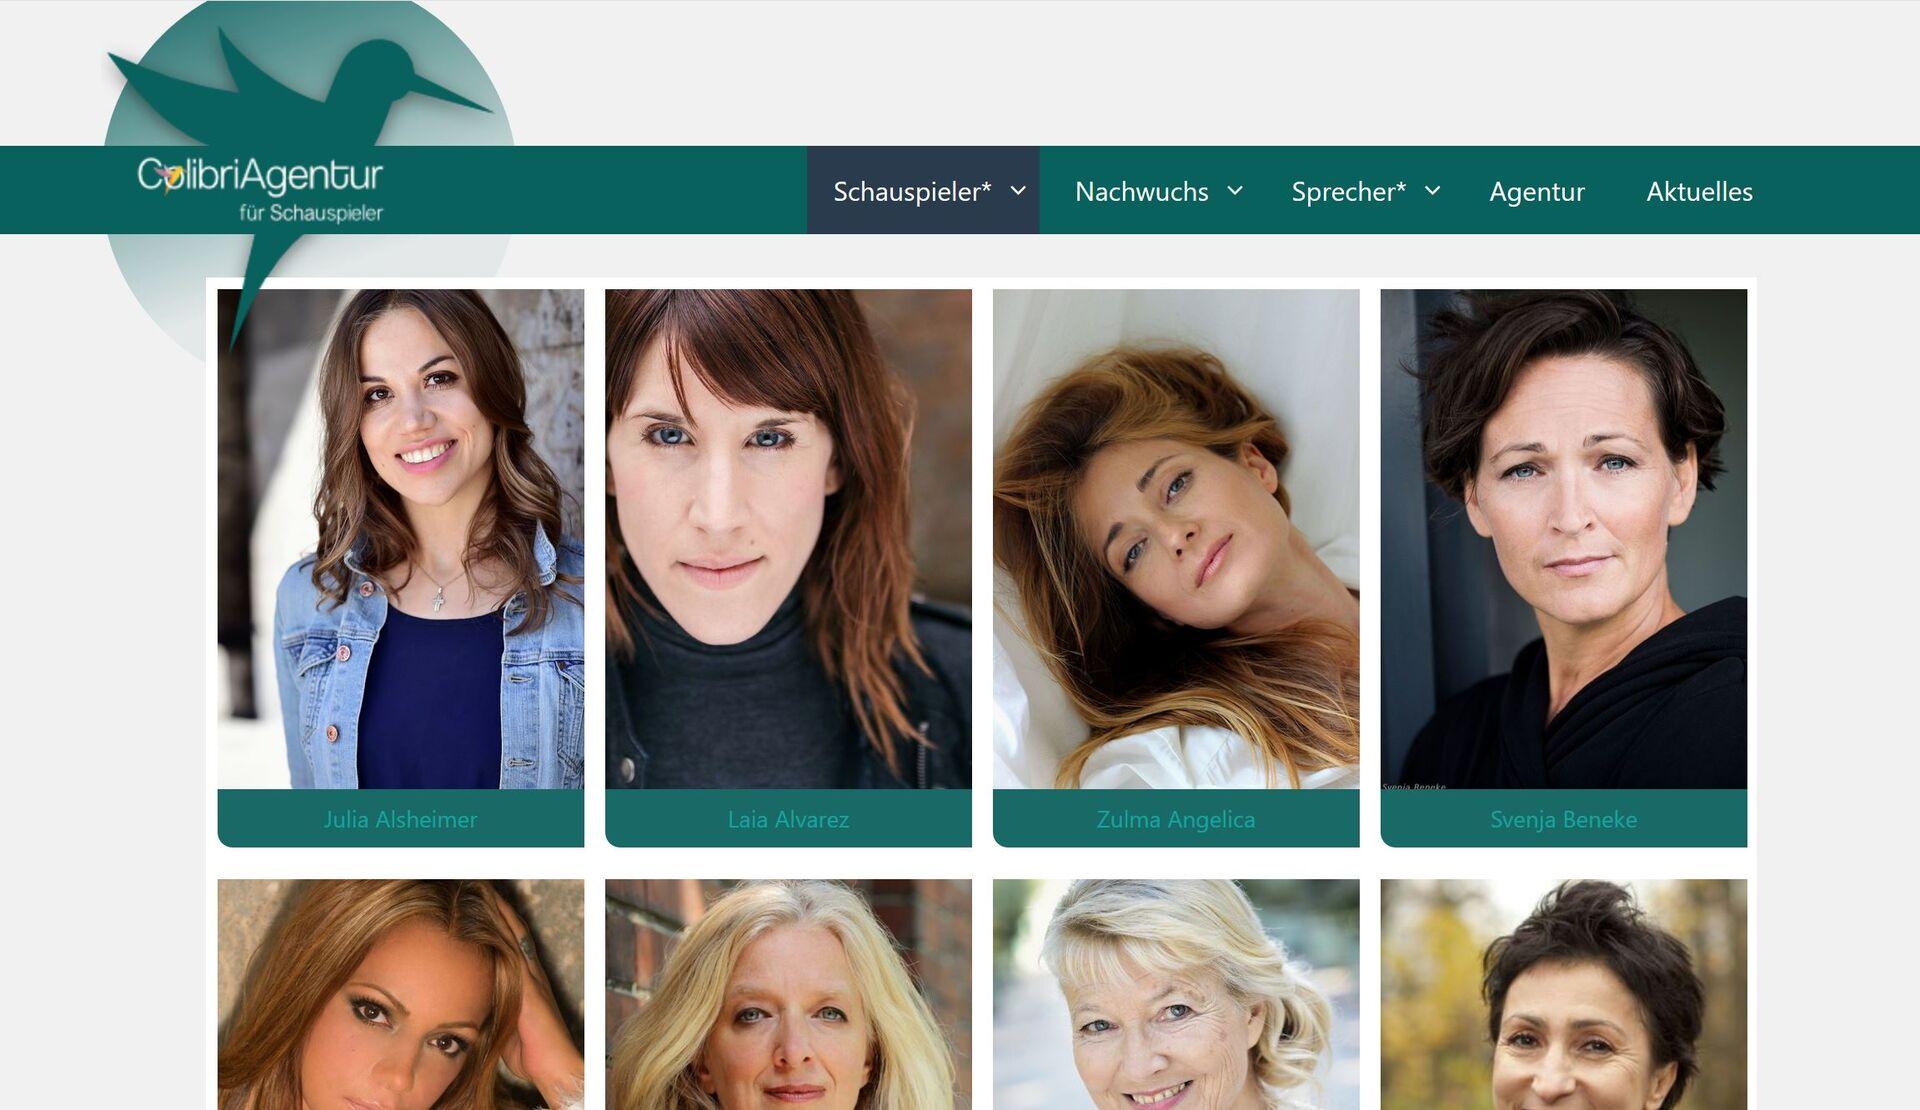 Image for Neue Website der ColibriAgentur für Schauspieler